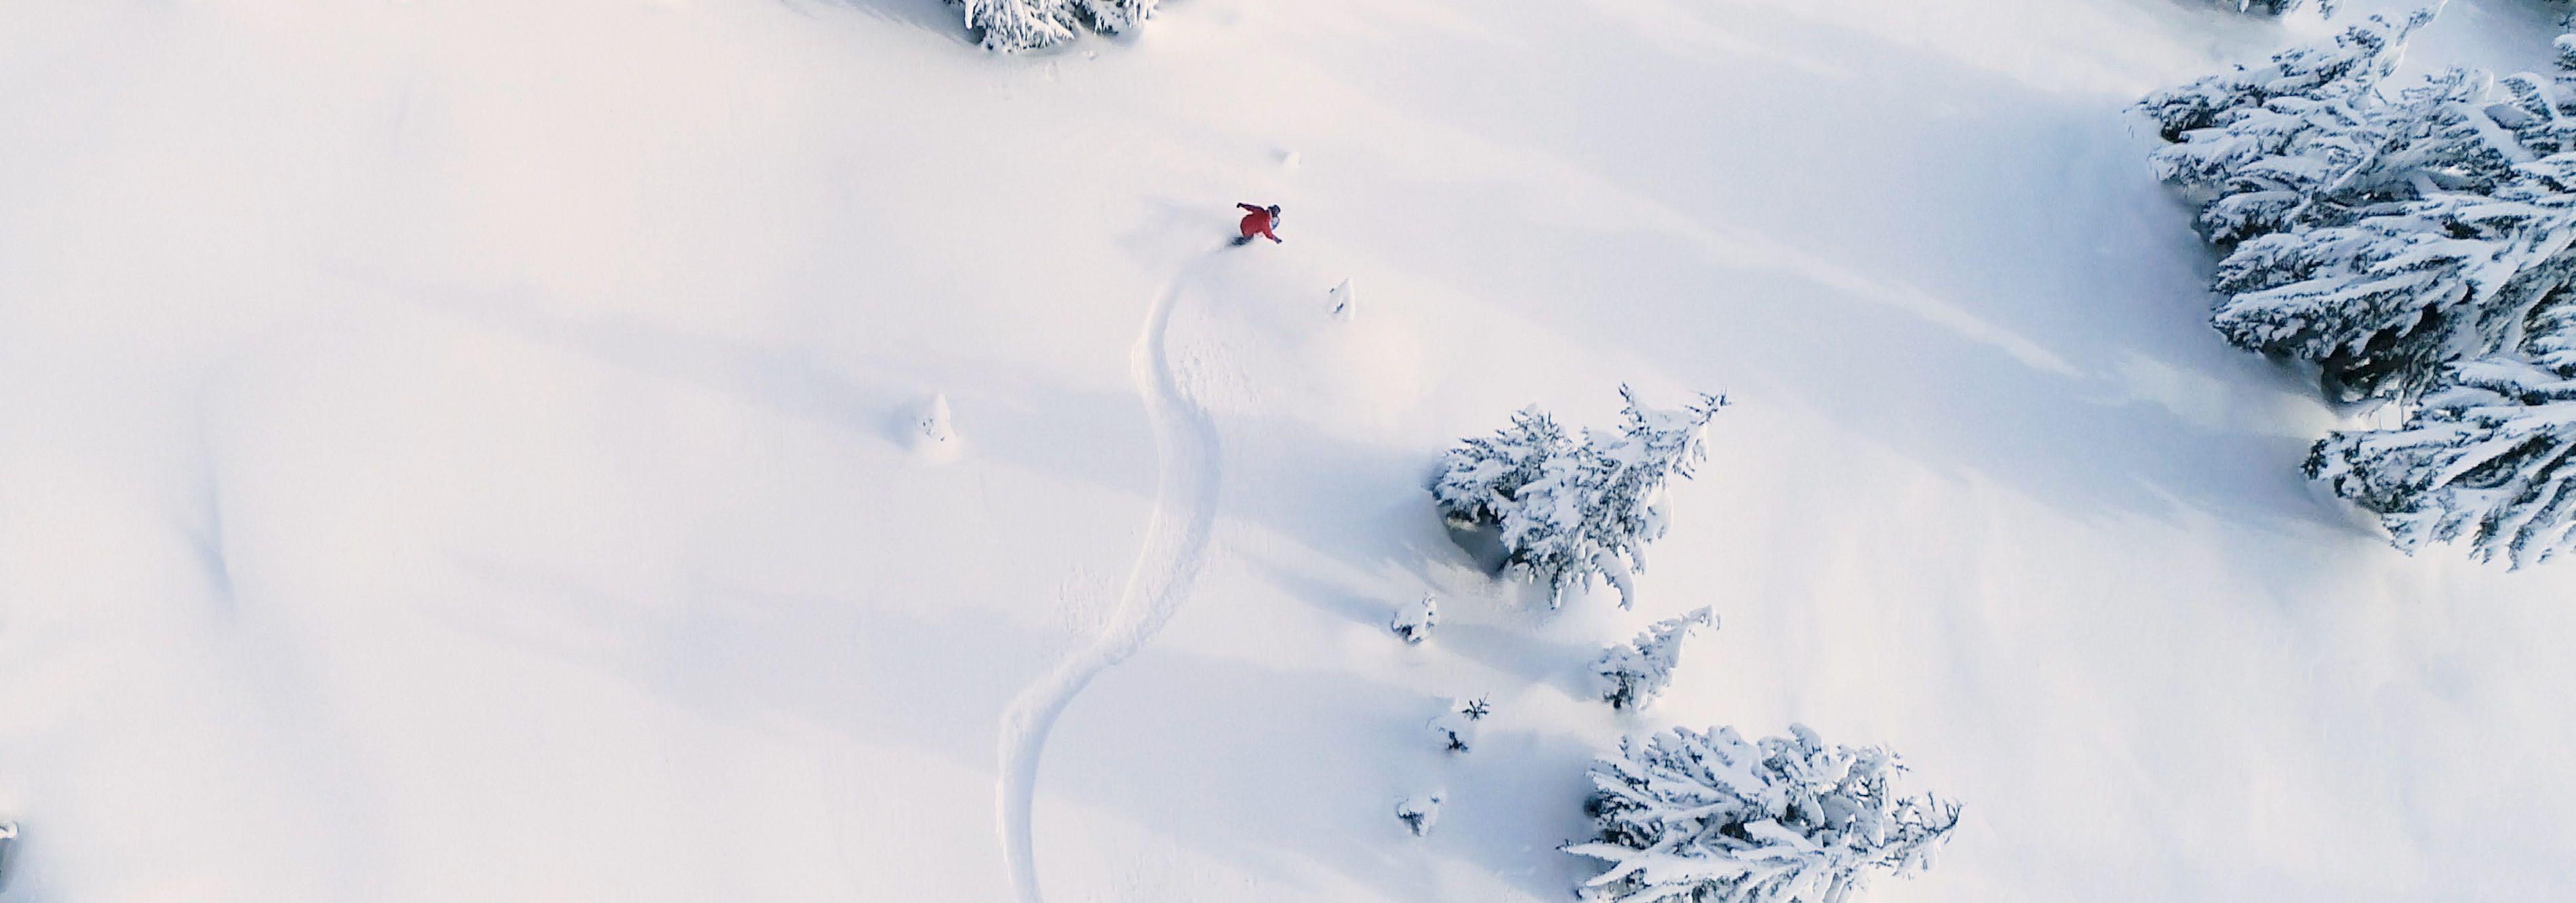 I-Love-Ski-hors-pistes-snowboard